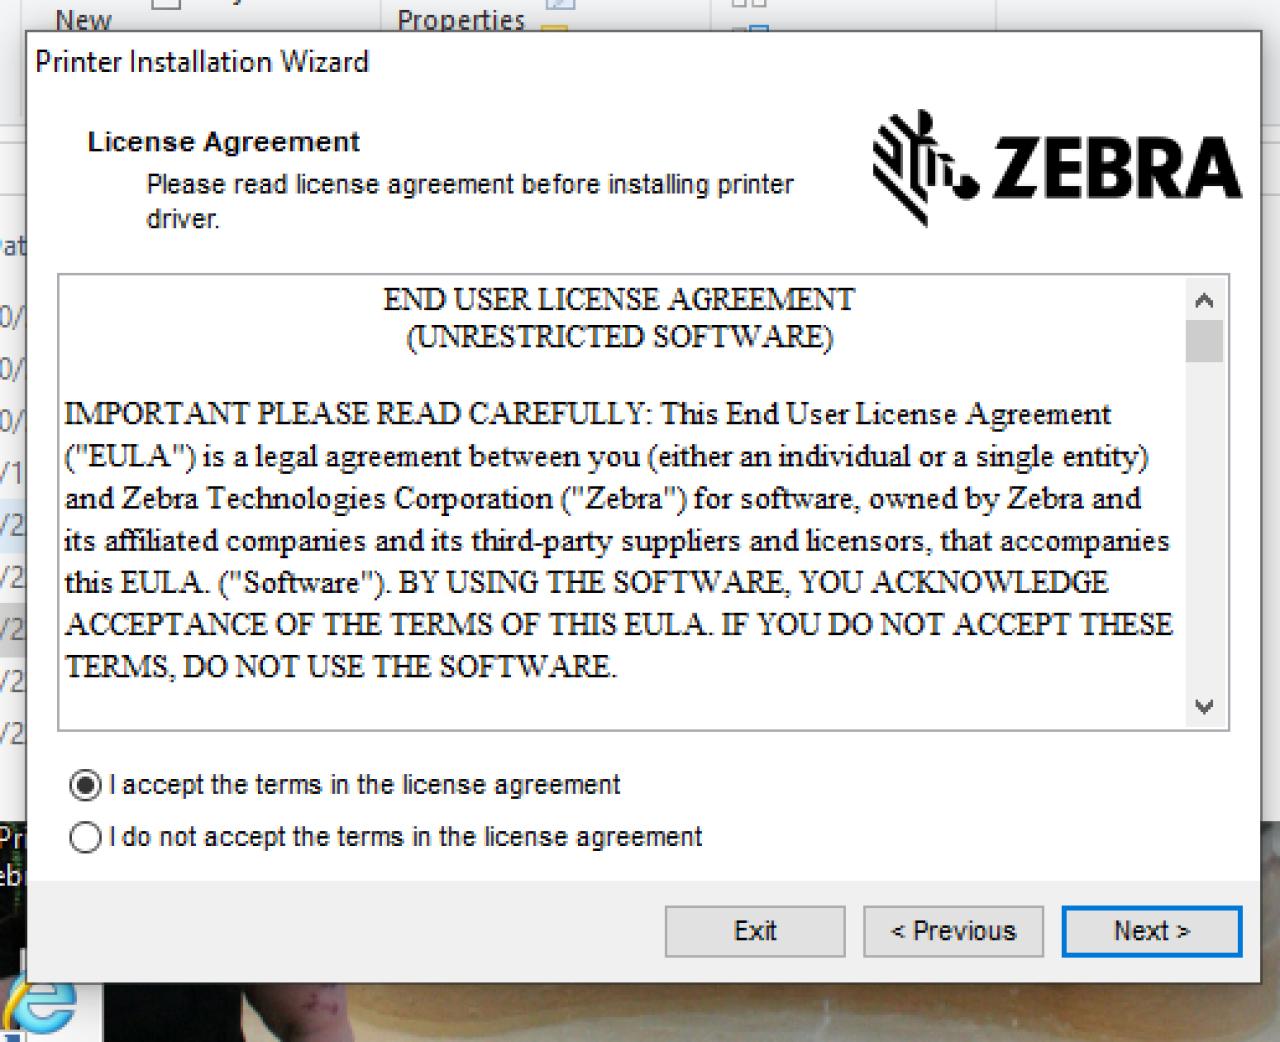 Экран соглашения о лицензировании конечных пользователей